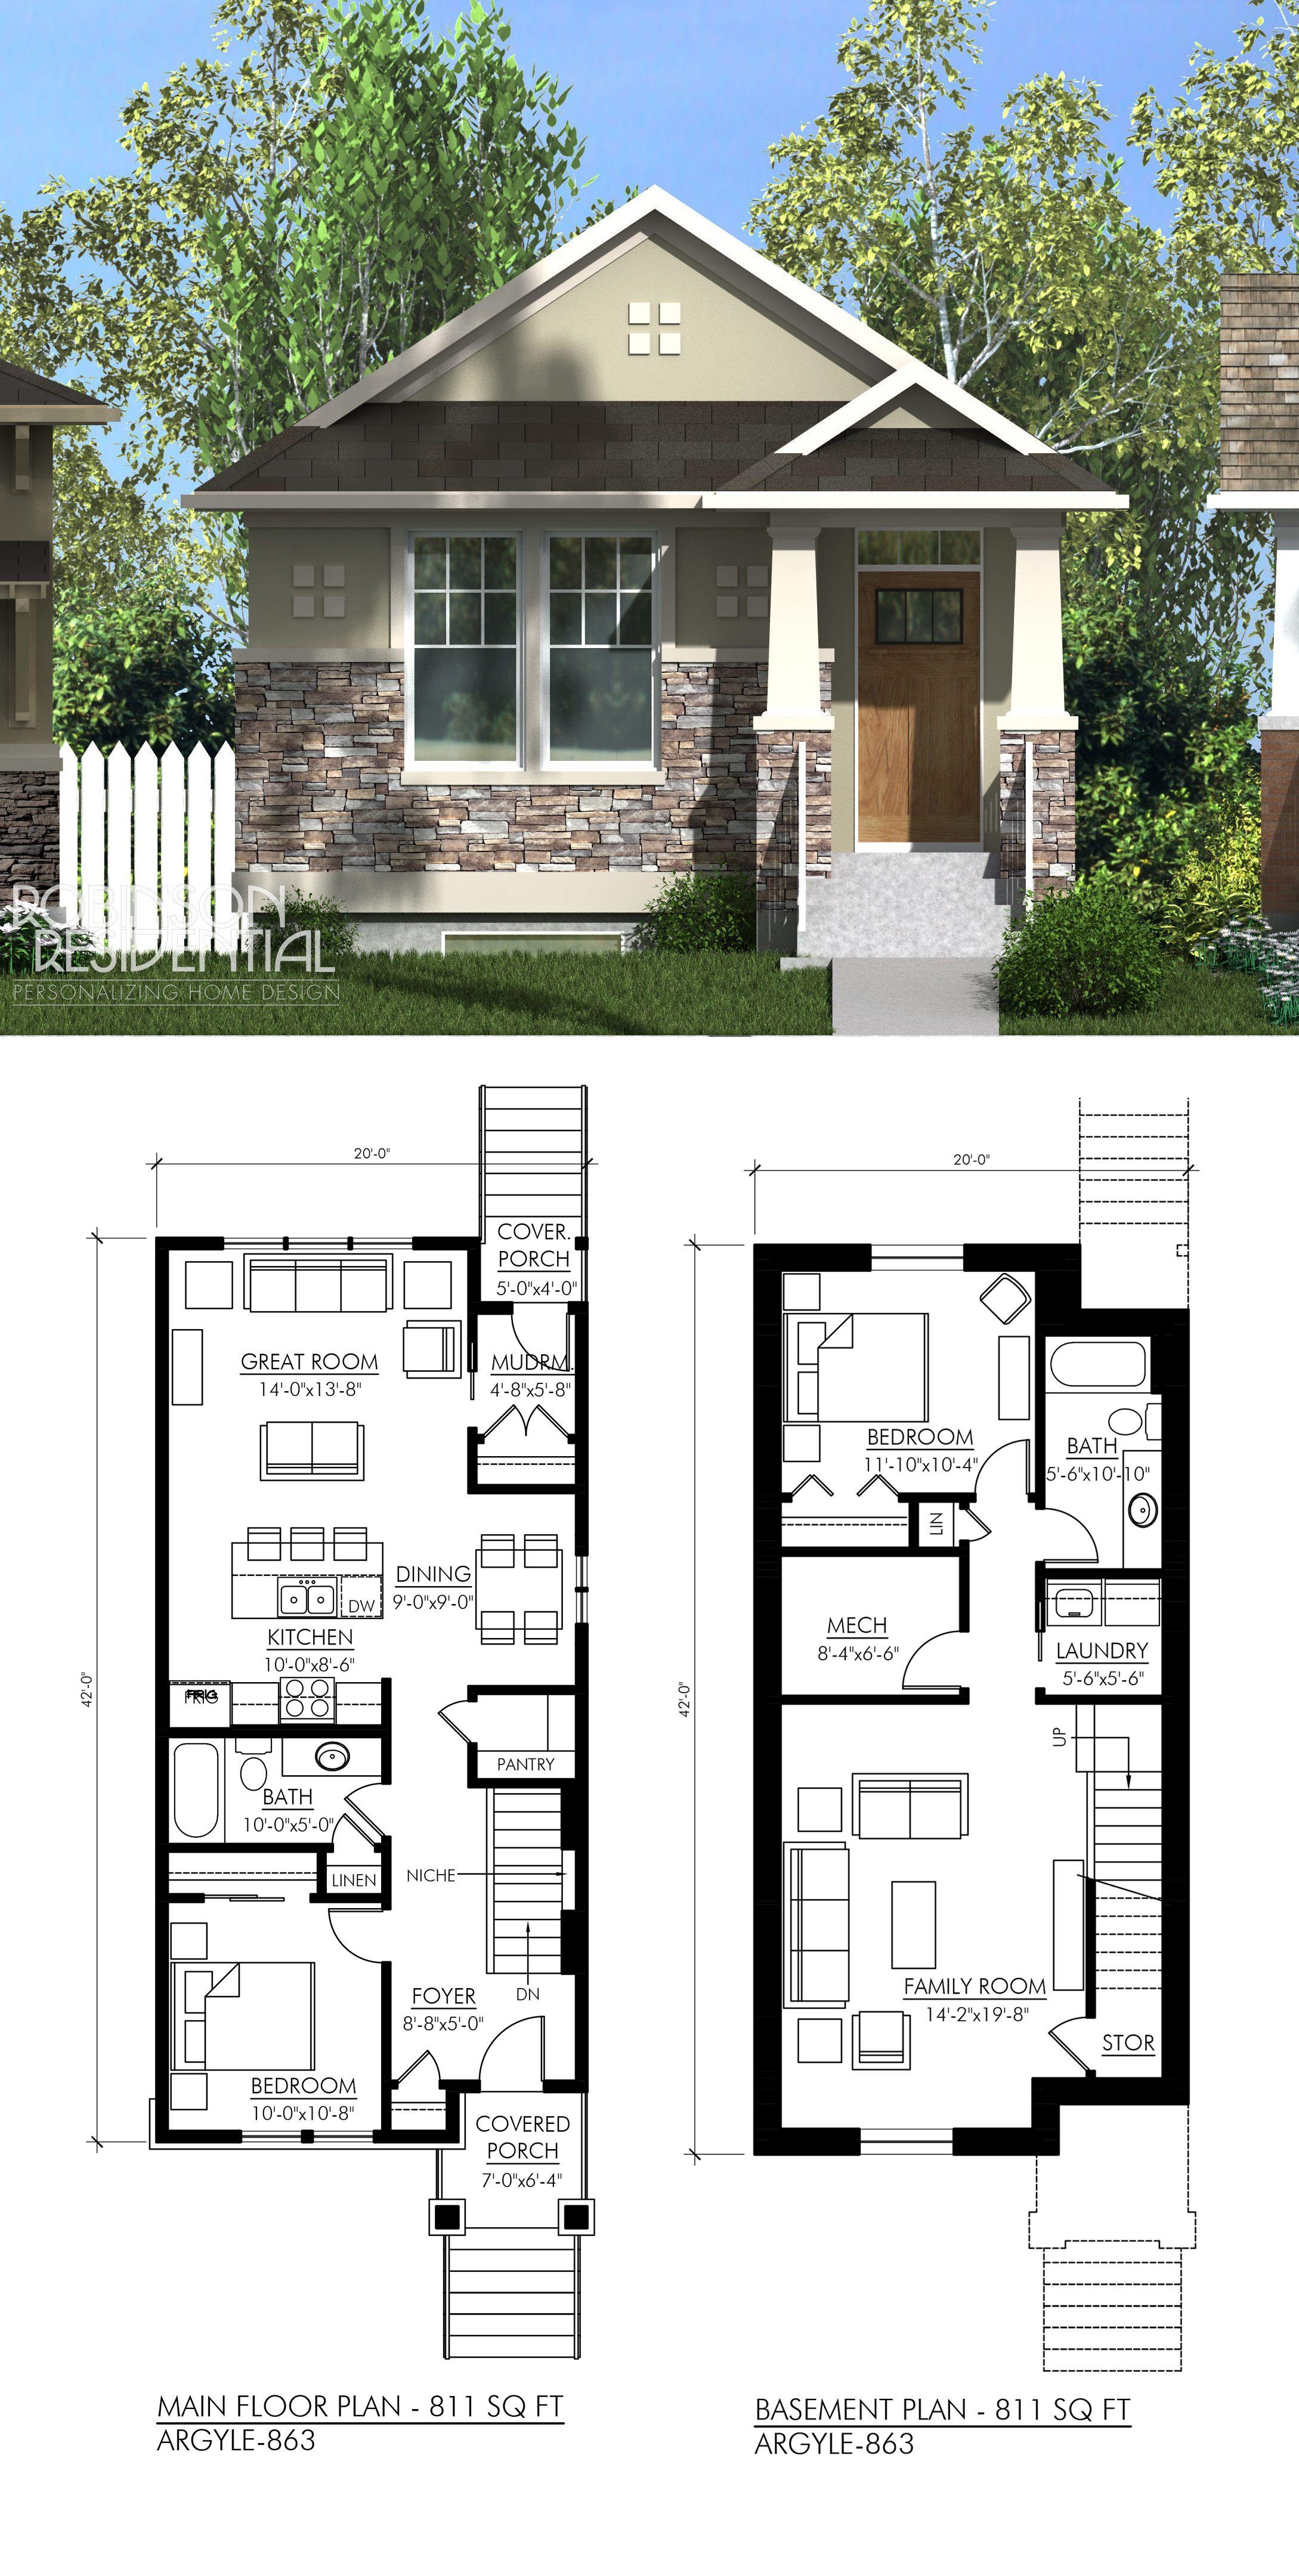 Craftsman Argyle 811 Small Bungalow Cottage Plan House Floor Plans